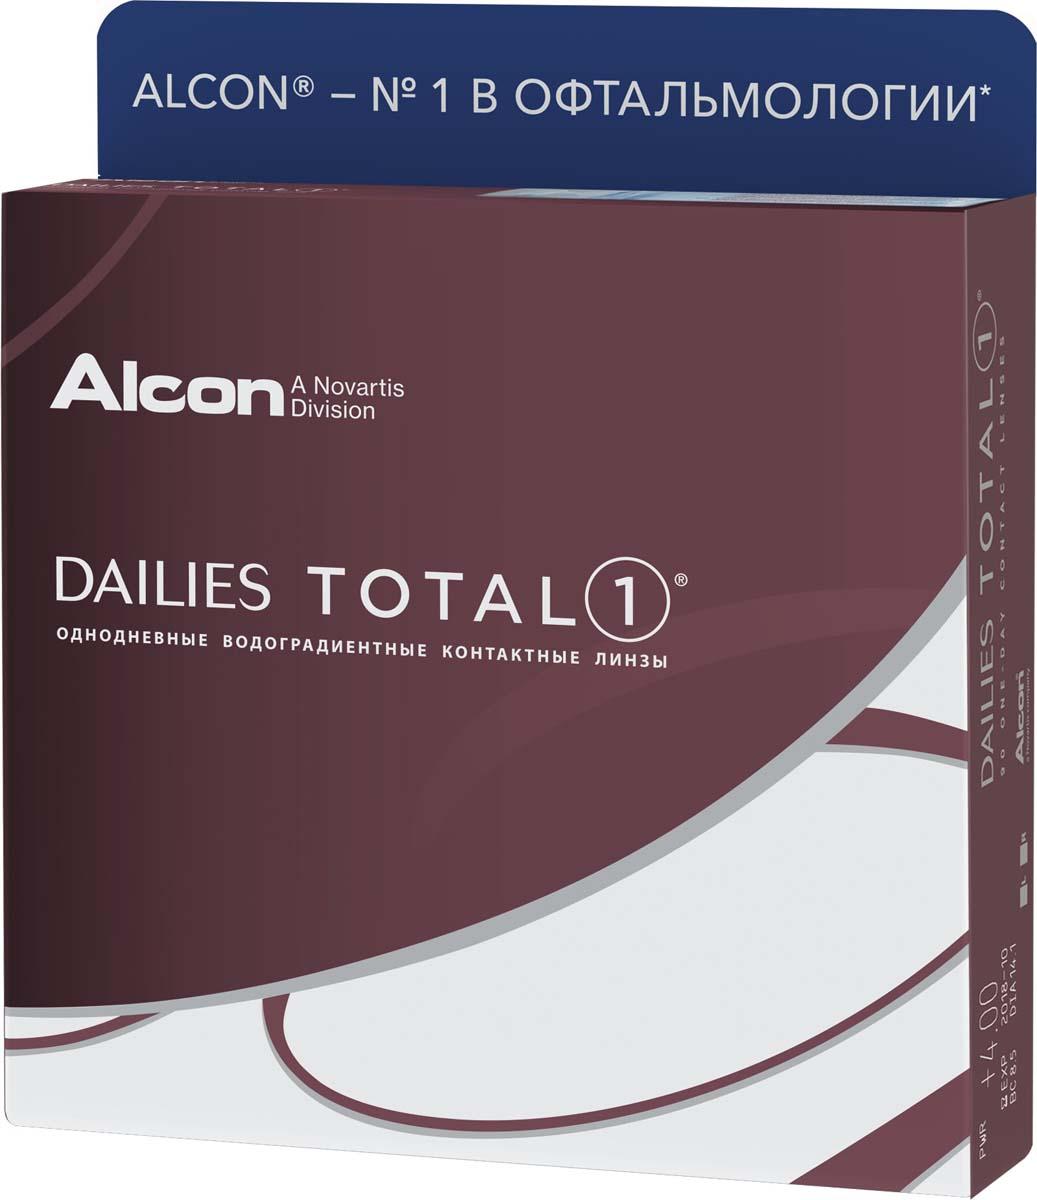 Аlcon Контактные линзы Dailies Total 90 шт /-7.00 /8.5 /14.1